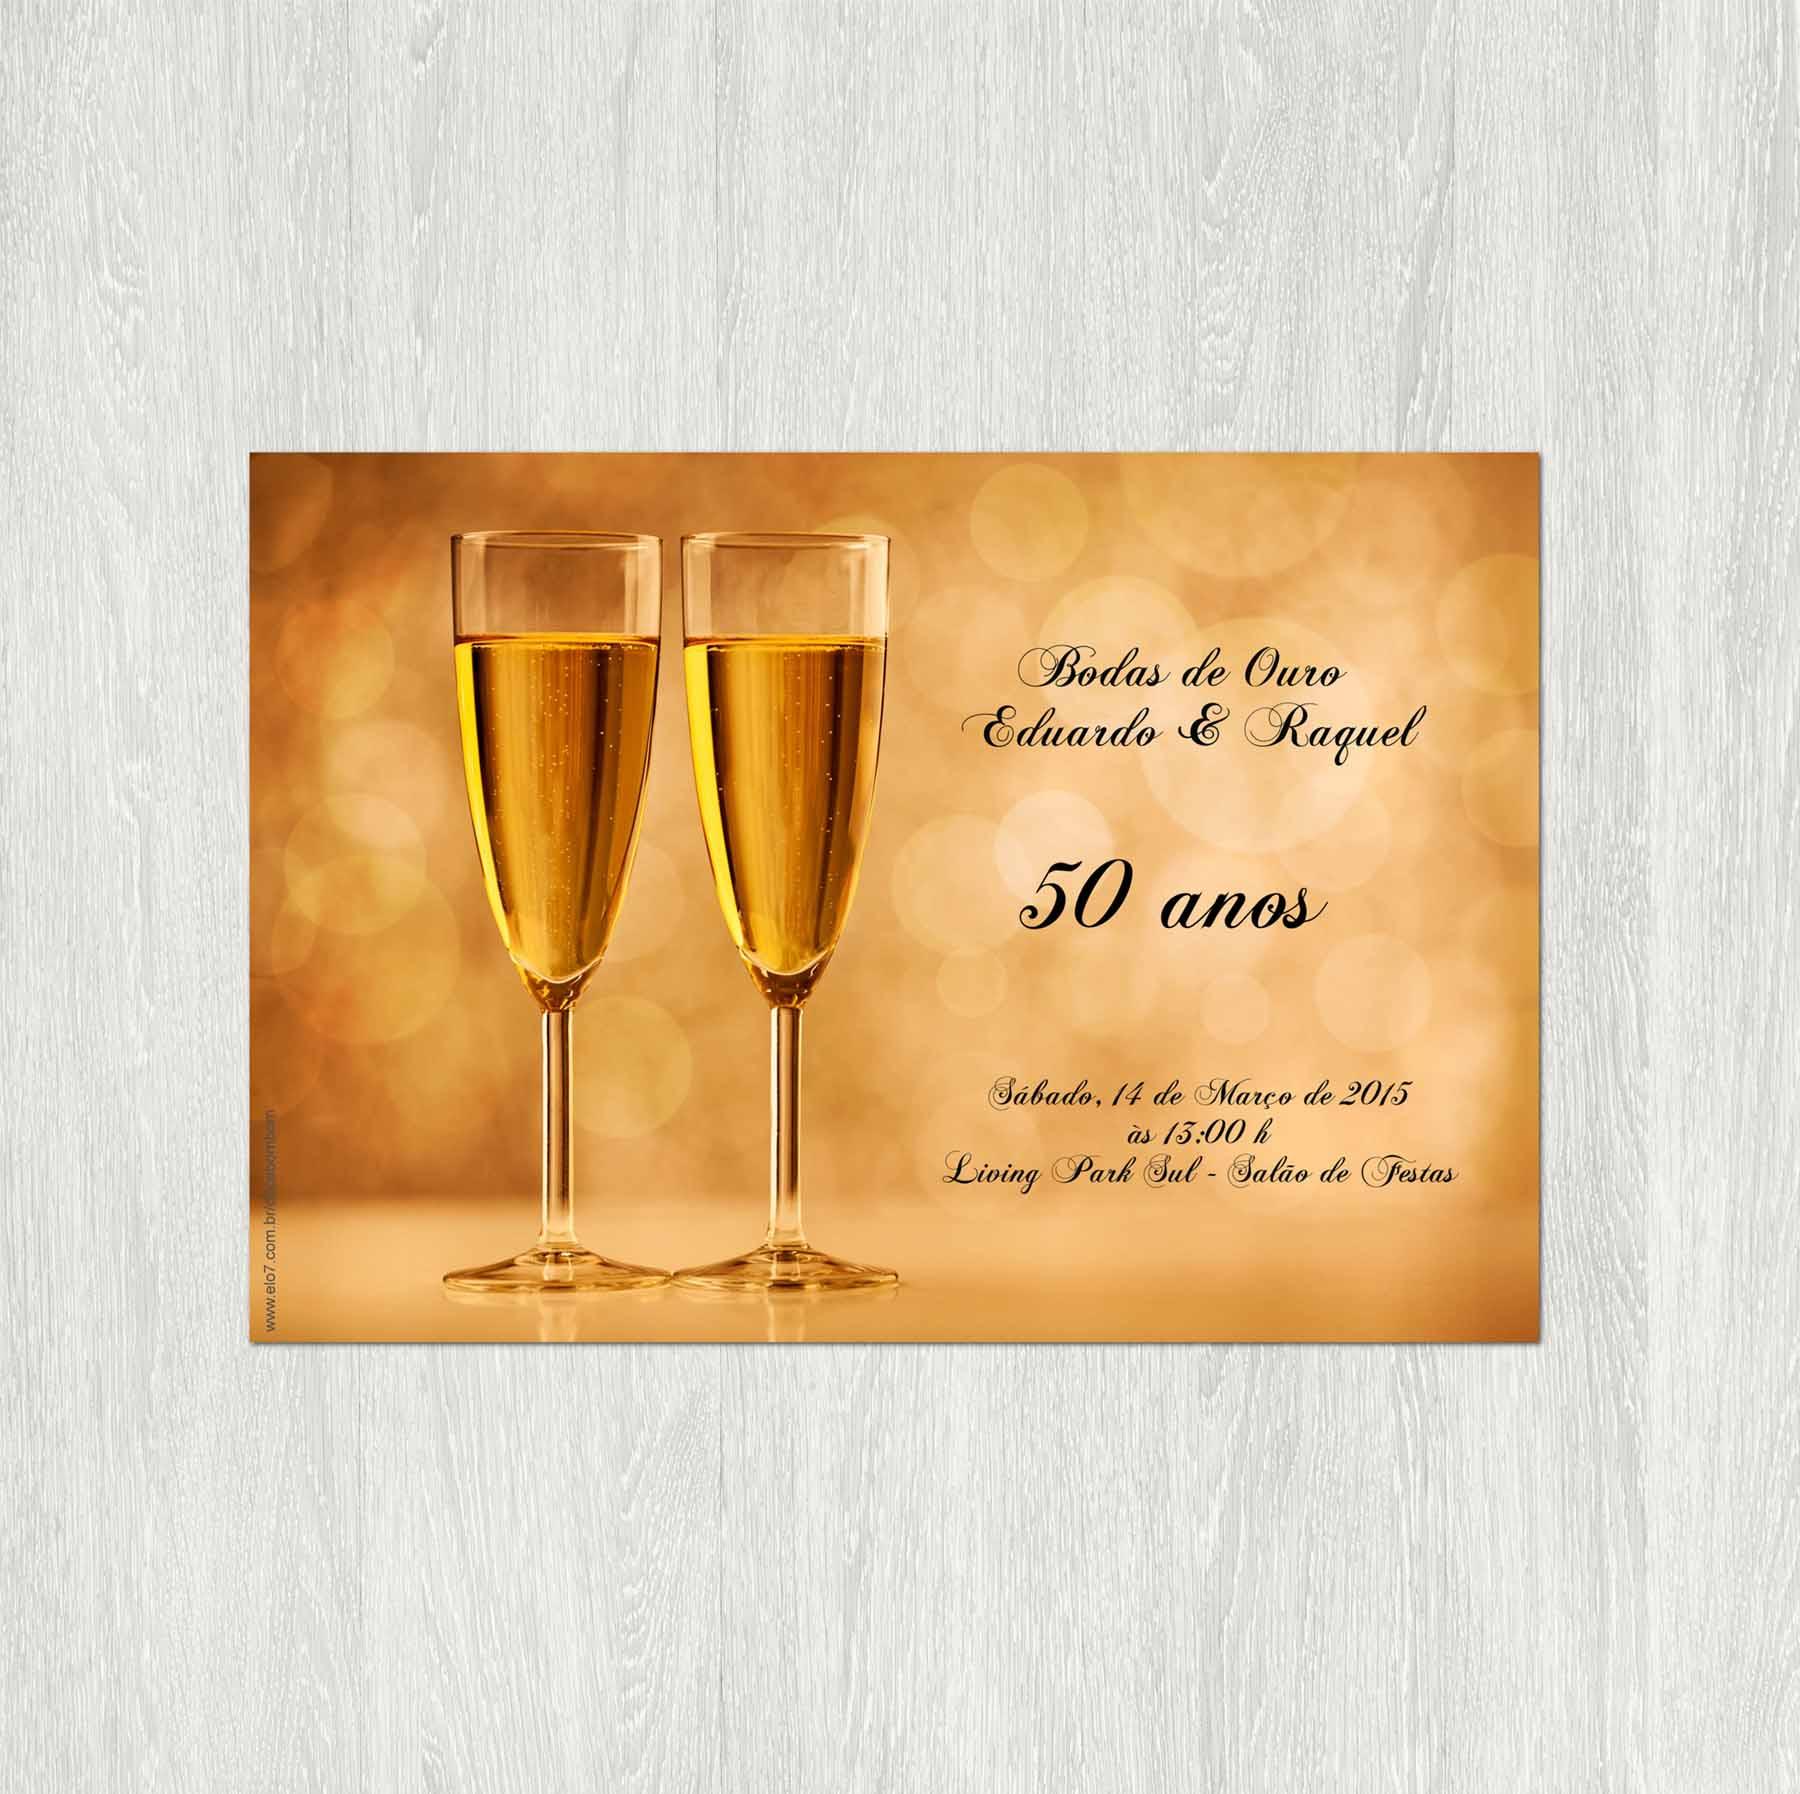 convite para bodas de ouro